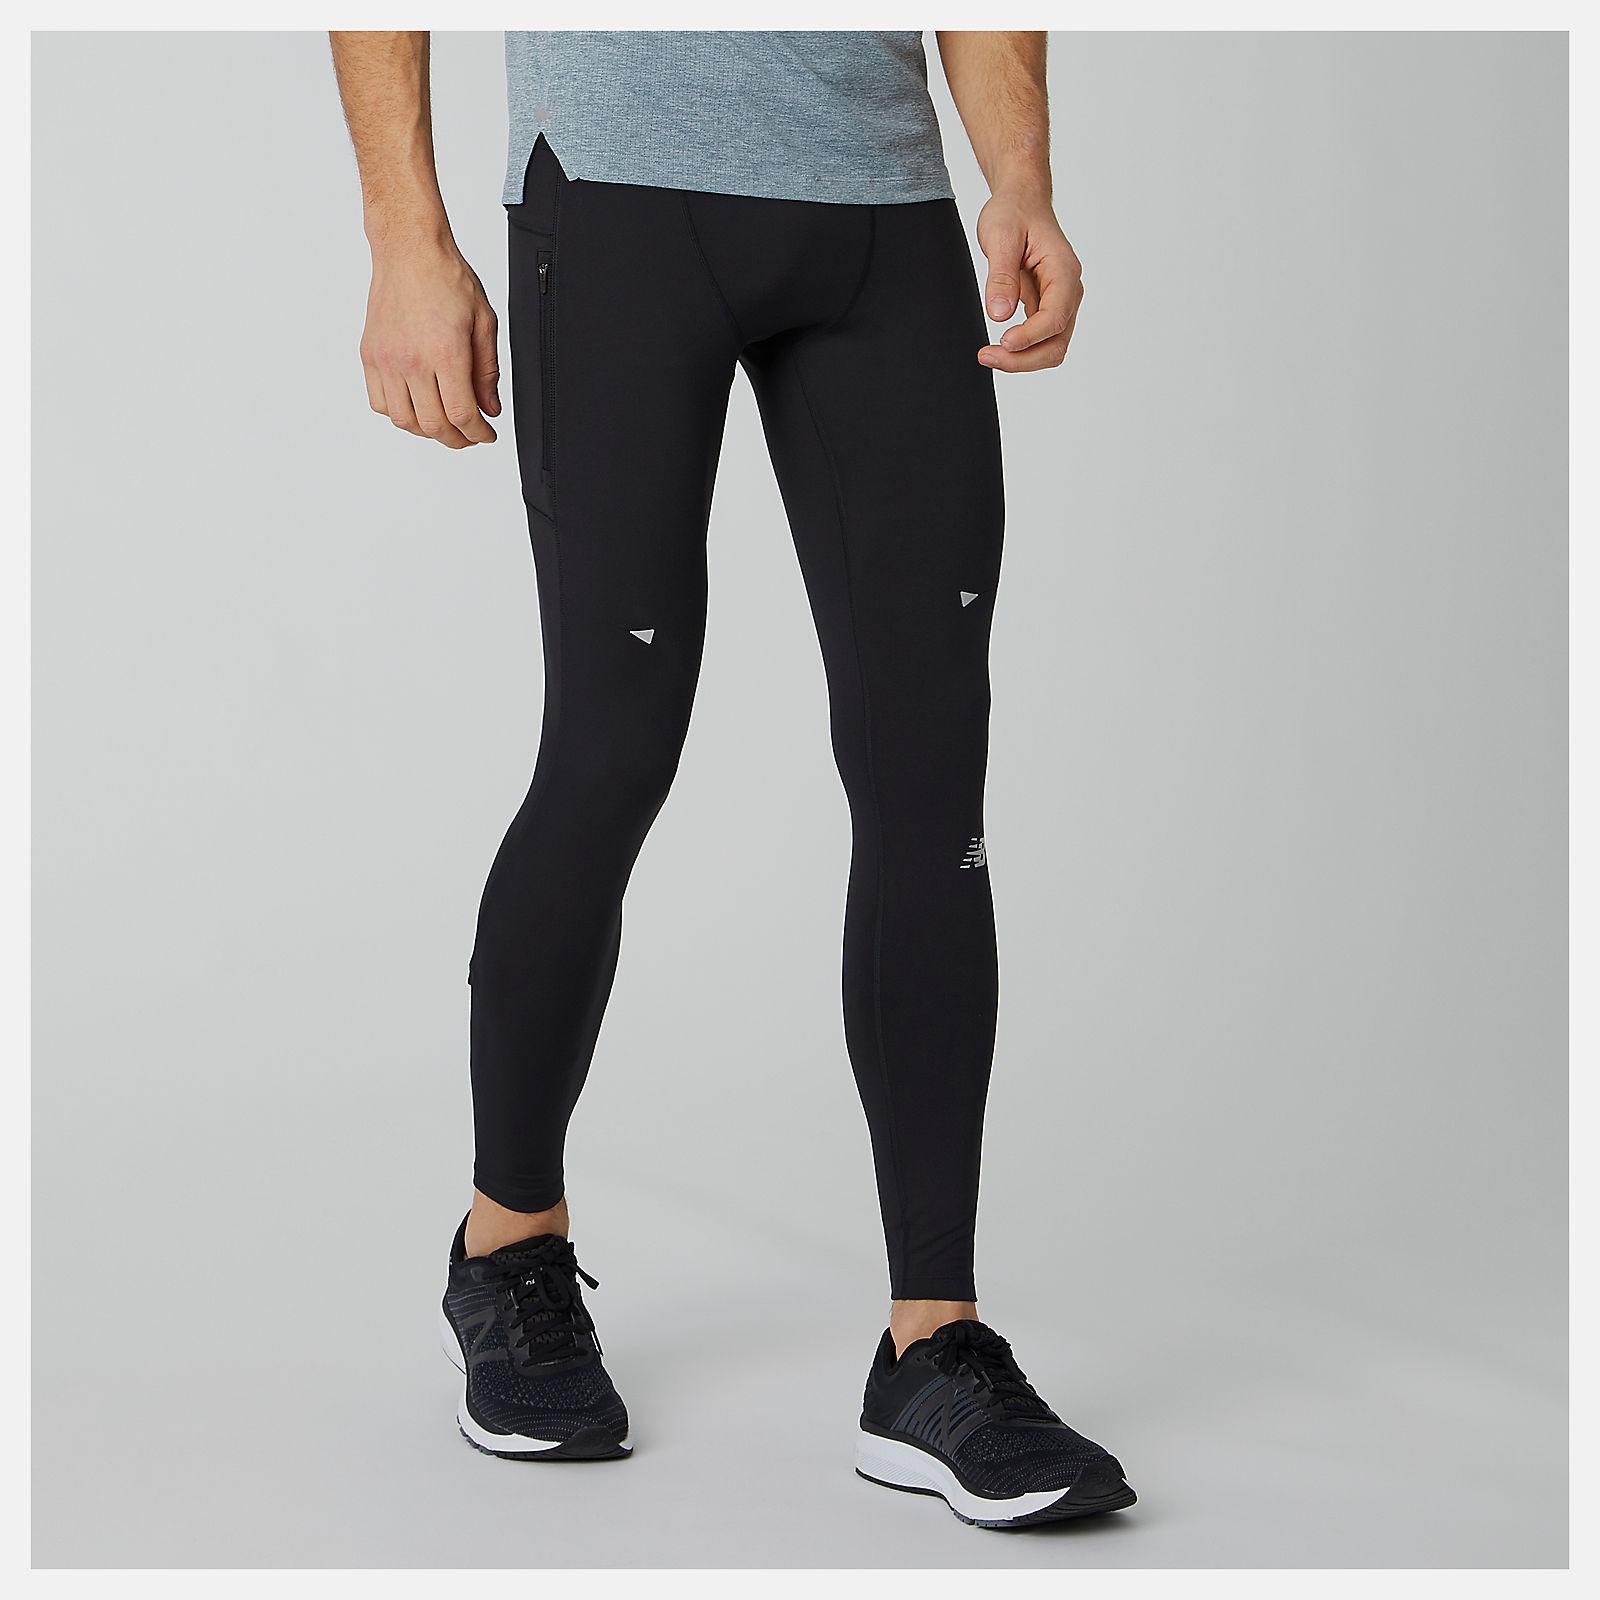 new balance yoga pants